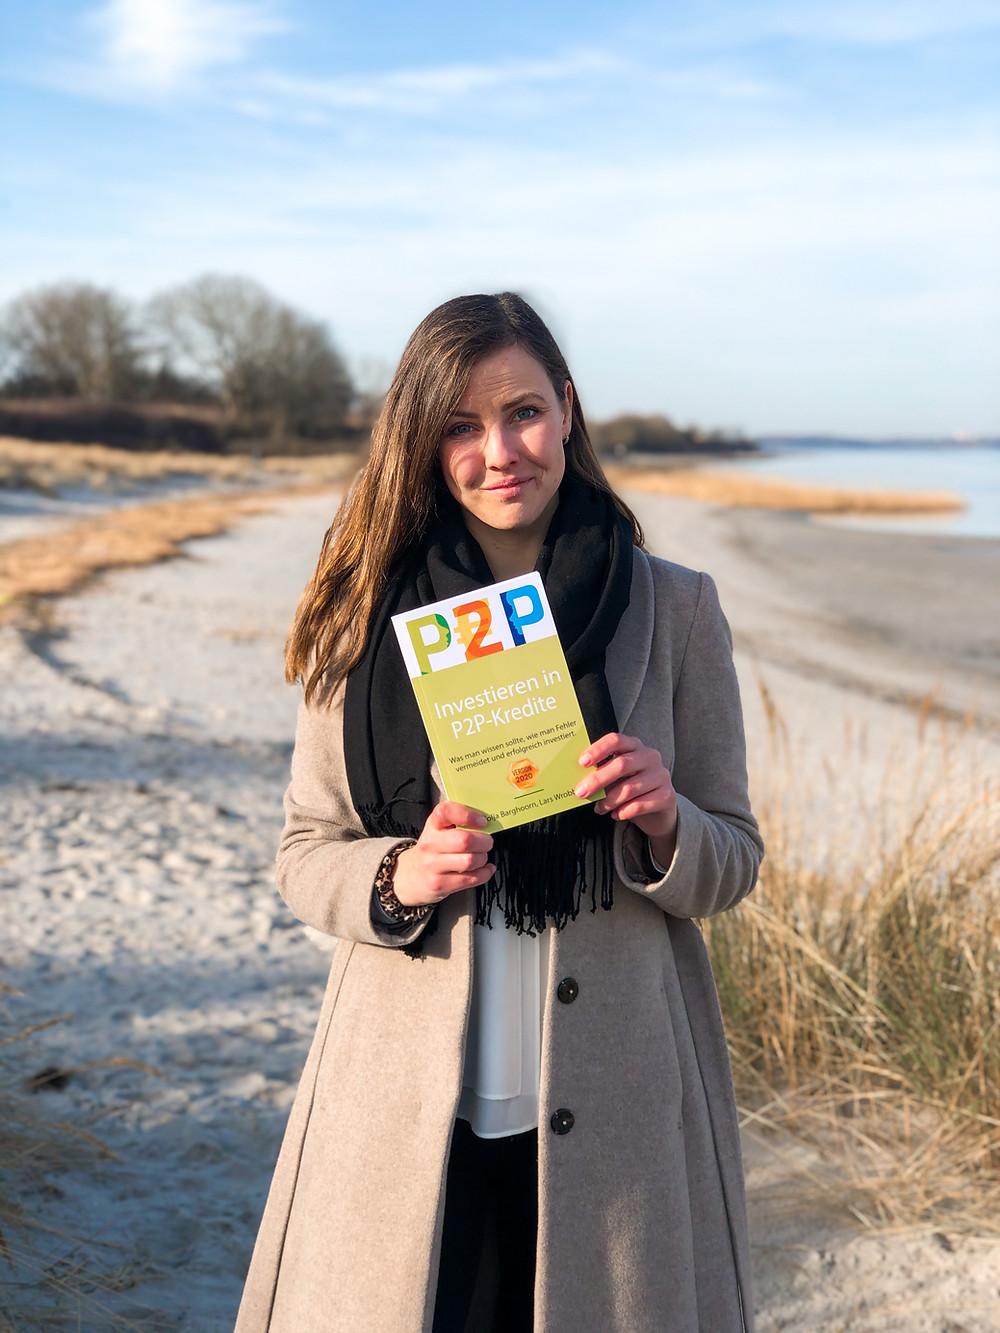 Kolja Barghorn und Lars Wrobbel erklären in ihrem Buch alles über P2P einer neuen, alternativen Investmentform für Privatanleger.